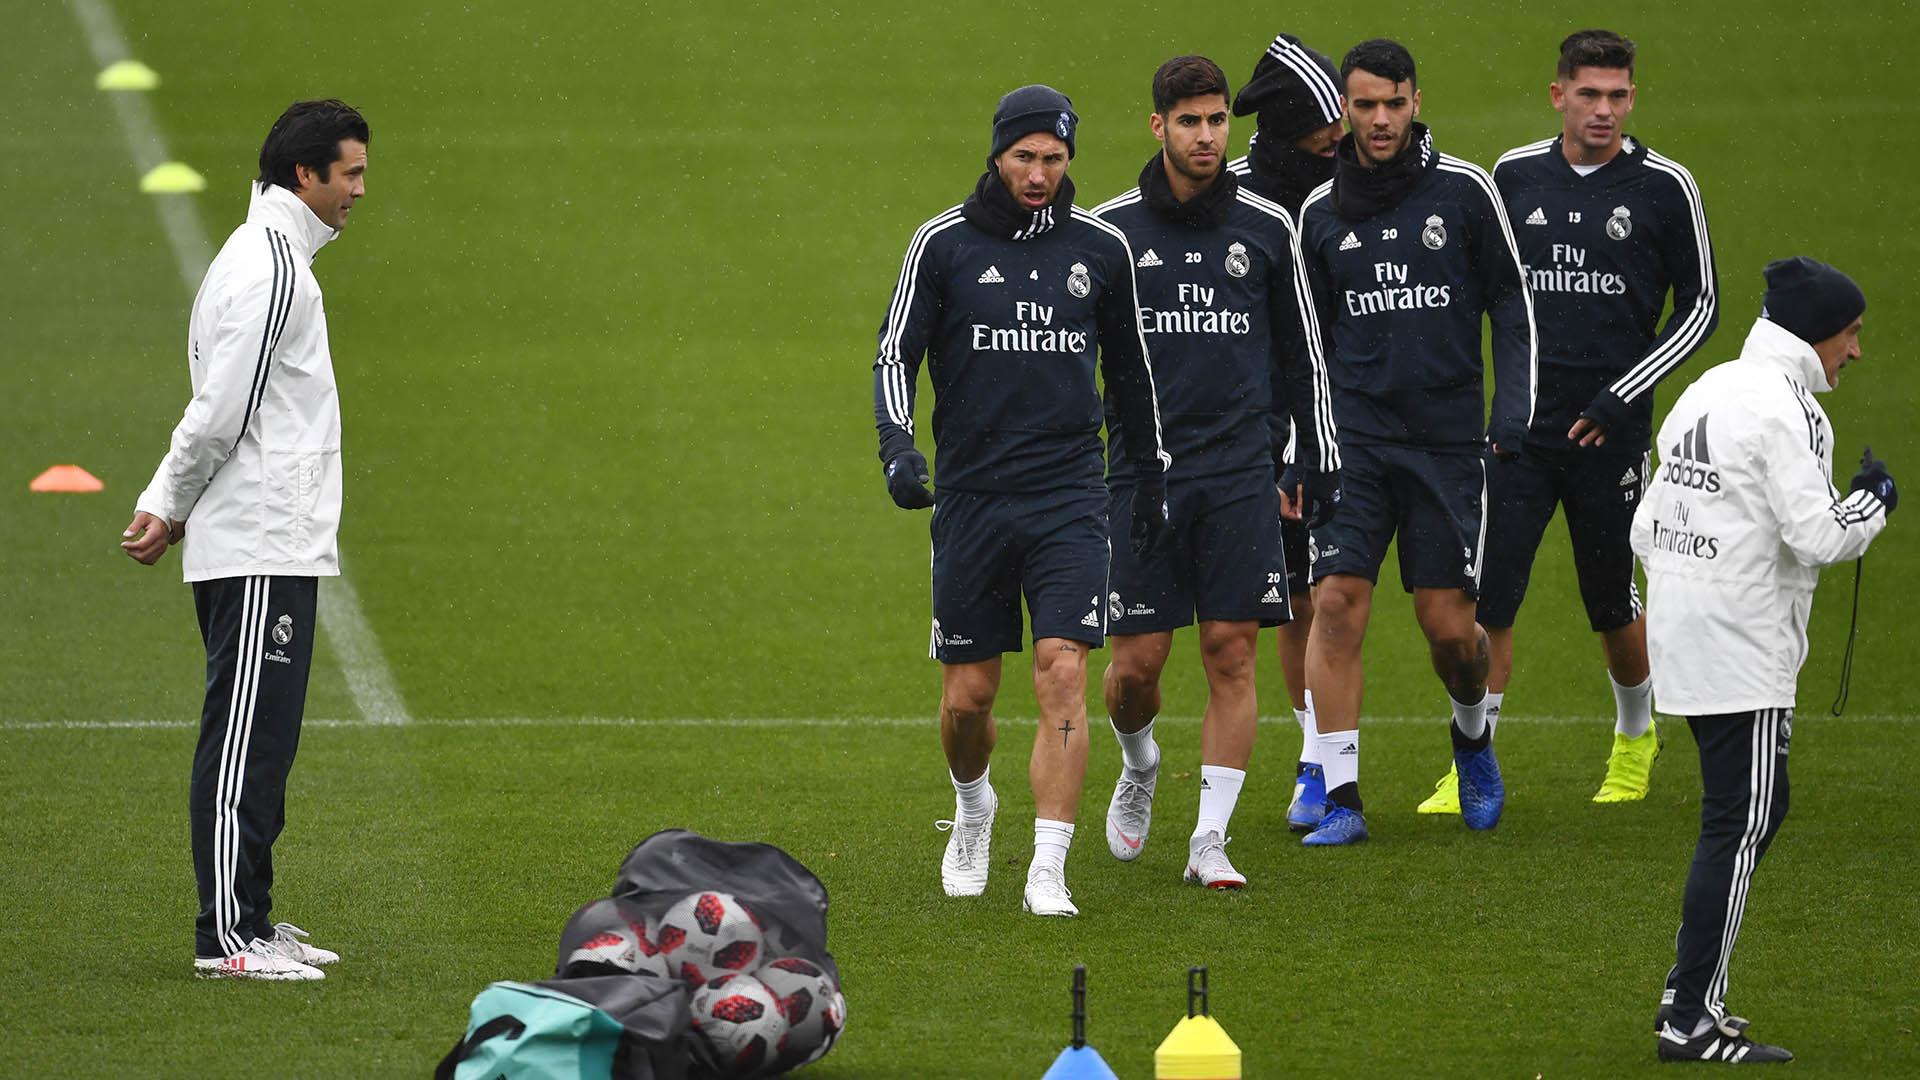 Santiago Solari al frente del Real Madrid (Photo by GABRIEL BOUYS / AFP)